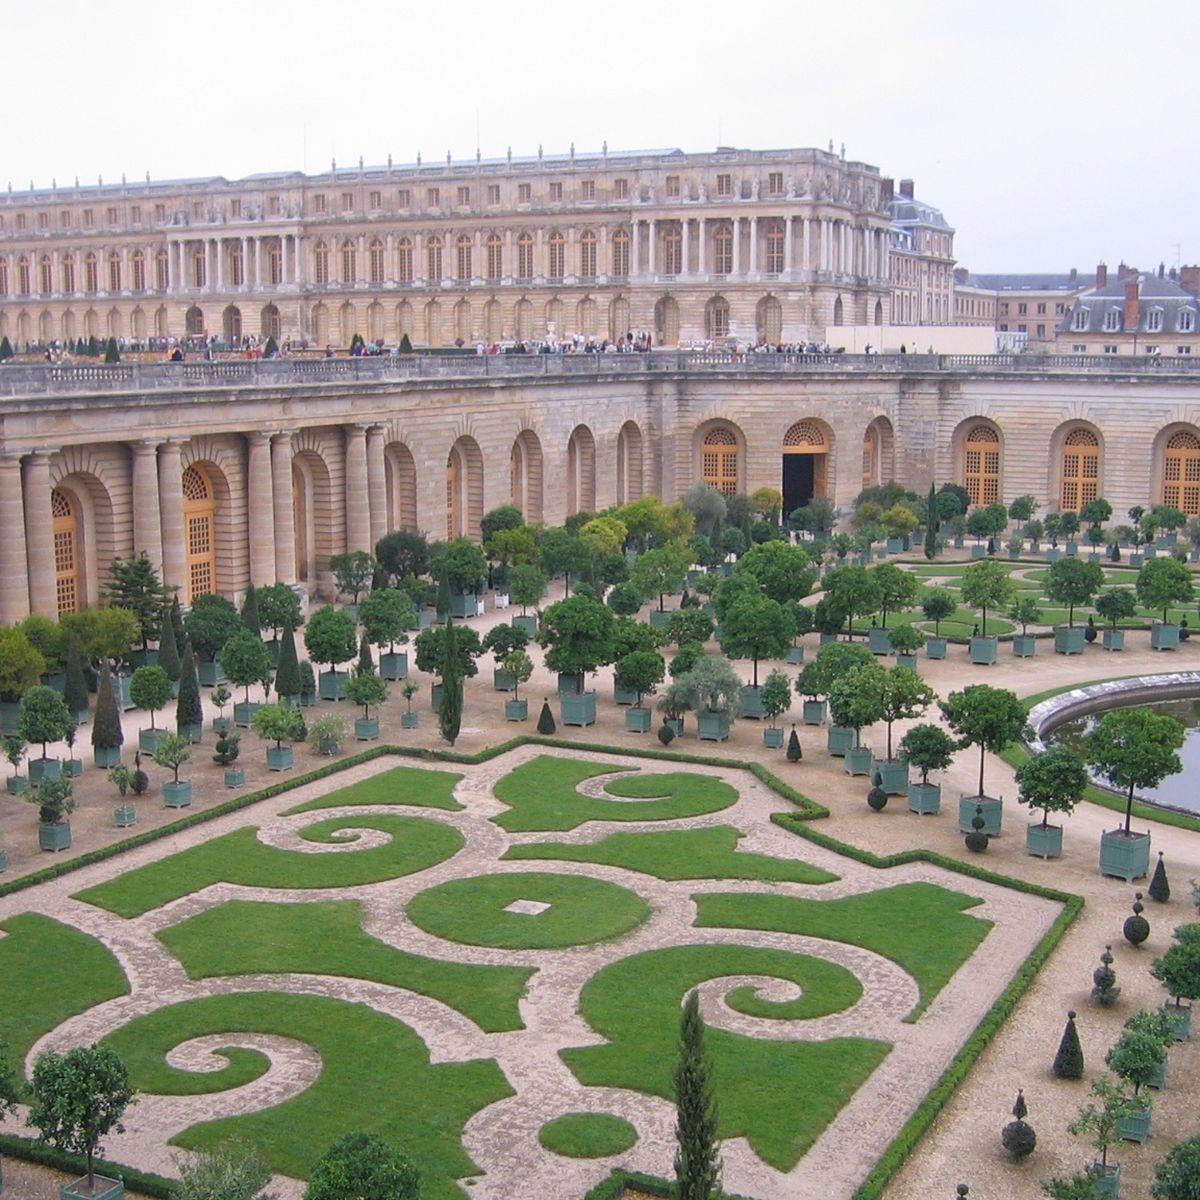 Video Du Chateau Aux Jardins De Le Notre Versailles Vu Du Ciel